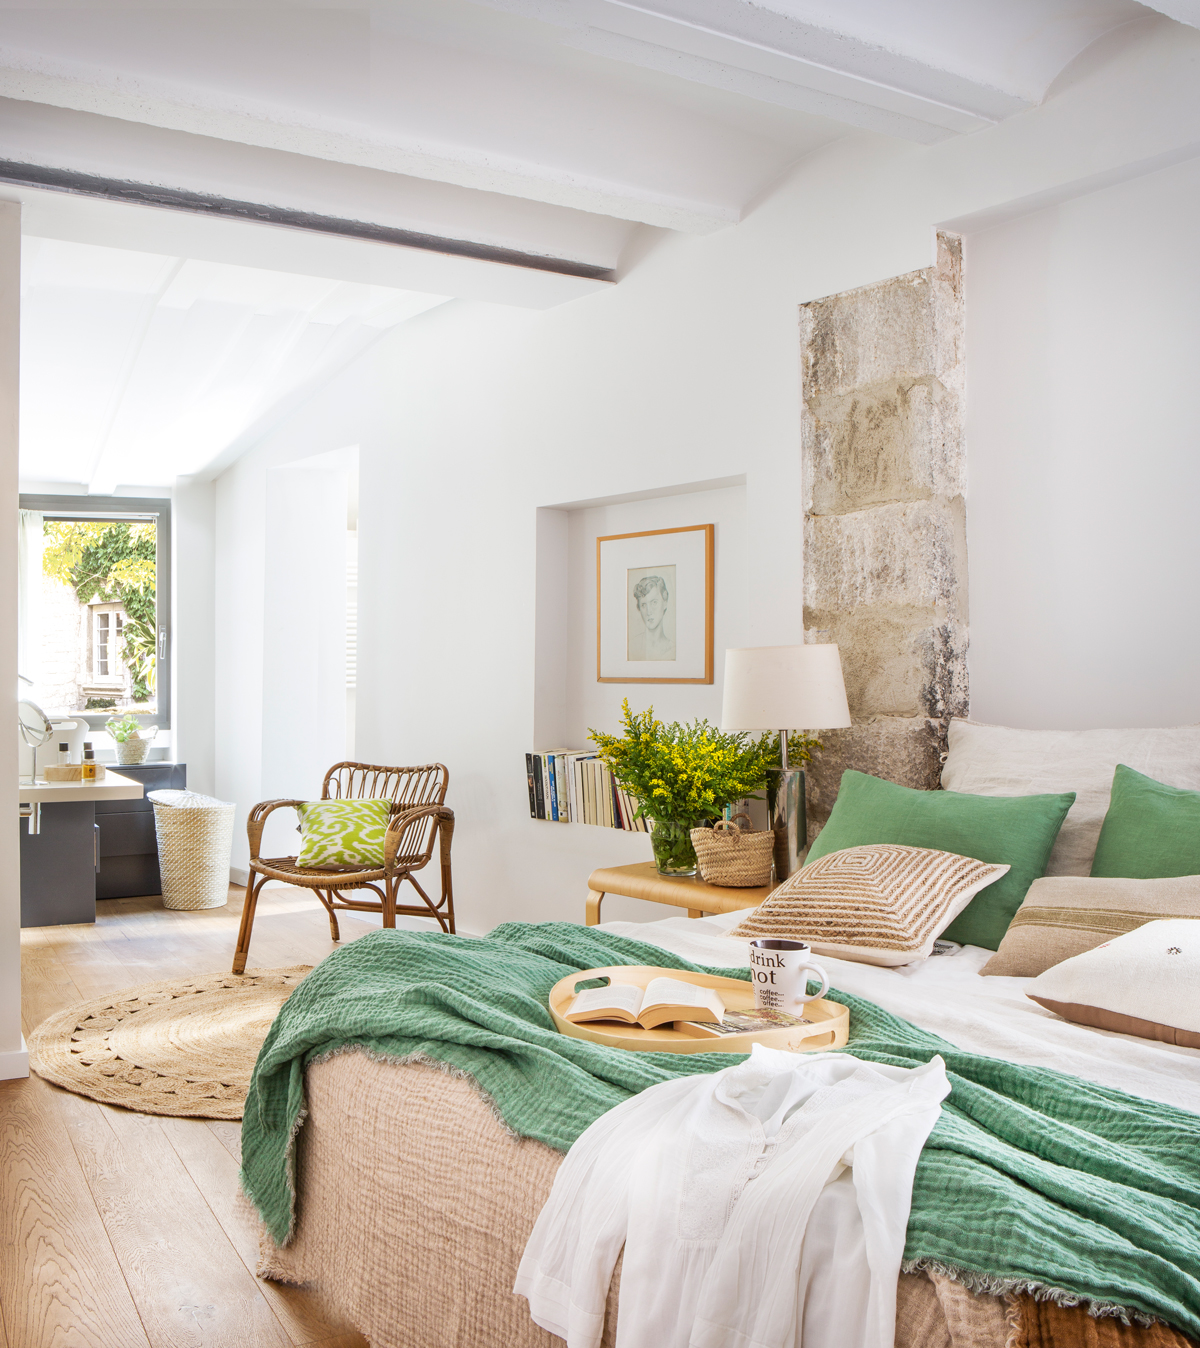 00436038 Dormitorio Con Baño En Suite, Con Techo De Bovedillas Blancas,  Pared Con Piedra Y Pintura Blanca Y Ropa De Cama En Verde